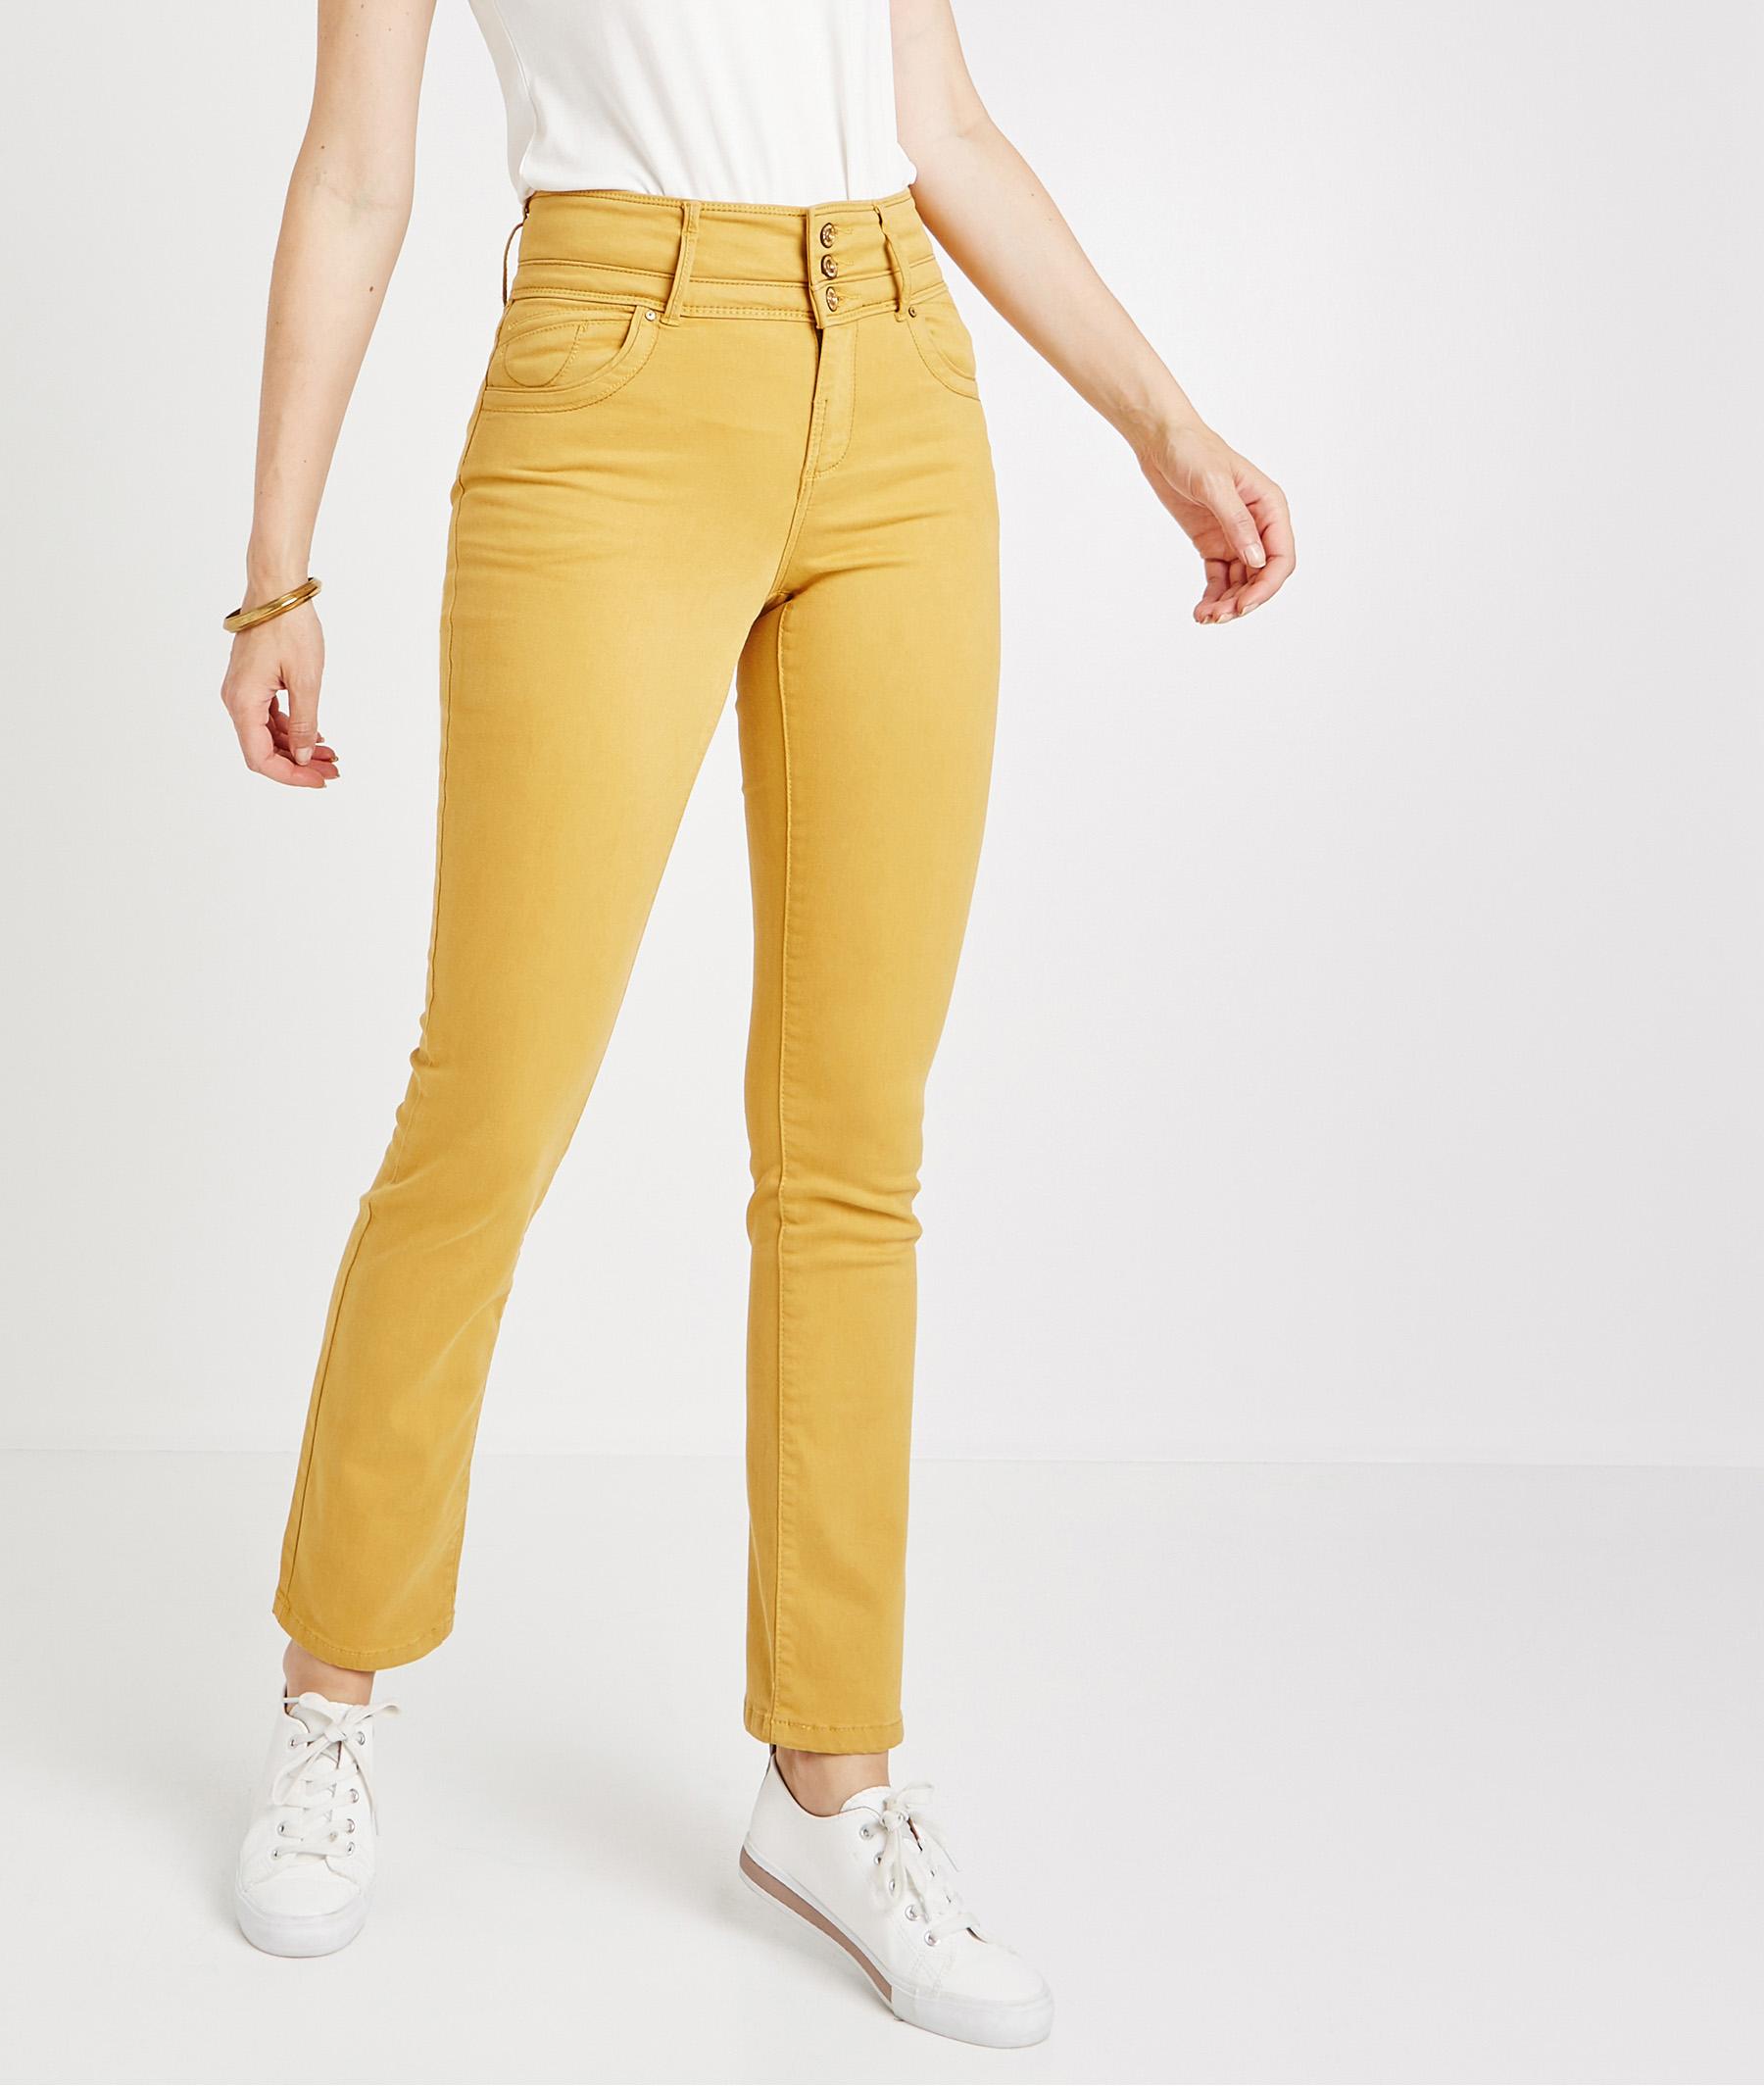 Pantalon droit taille haute de couleur AMBRE